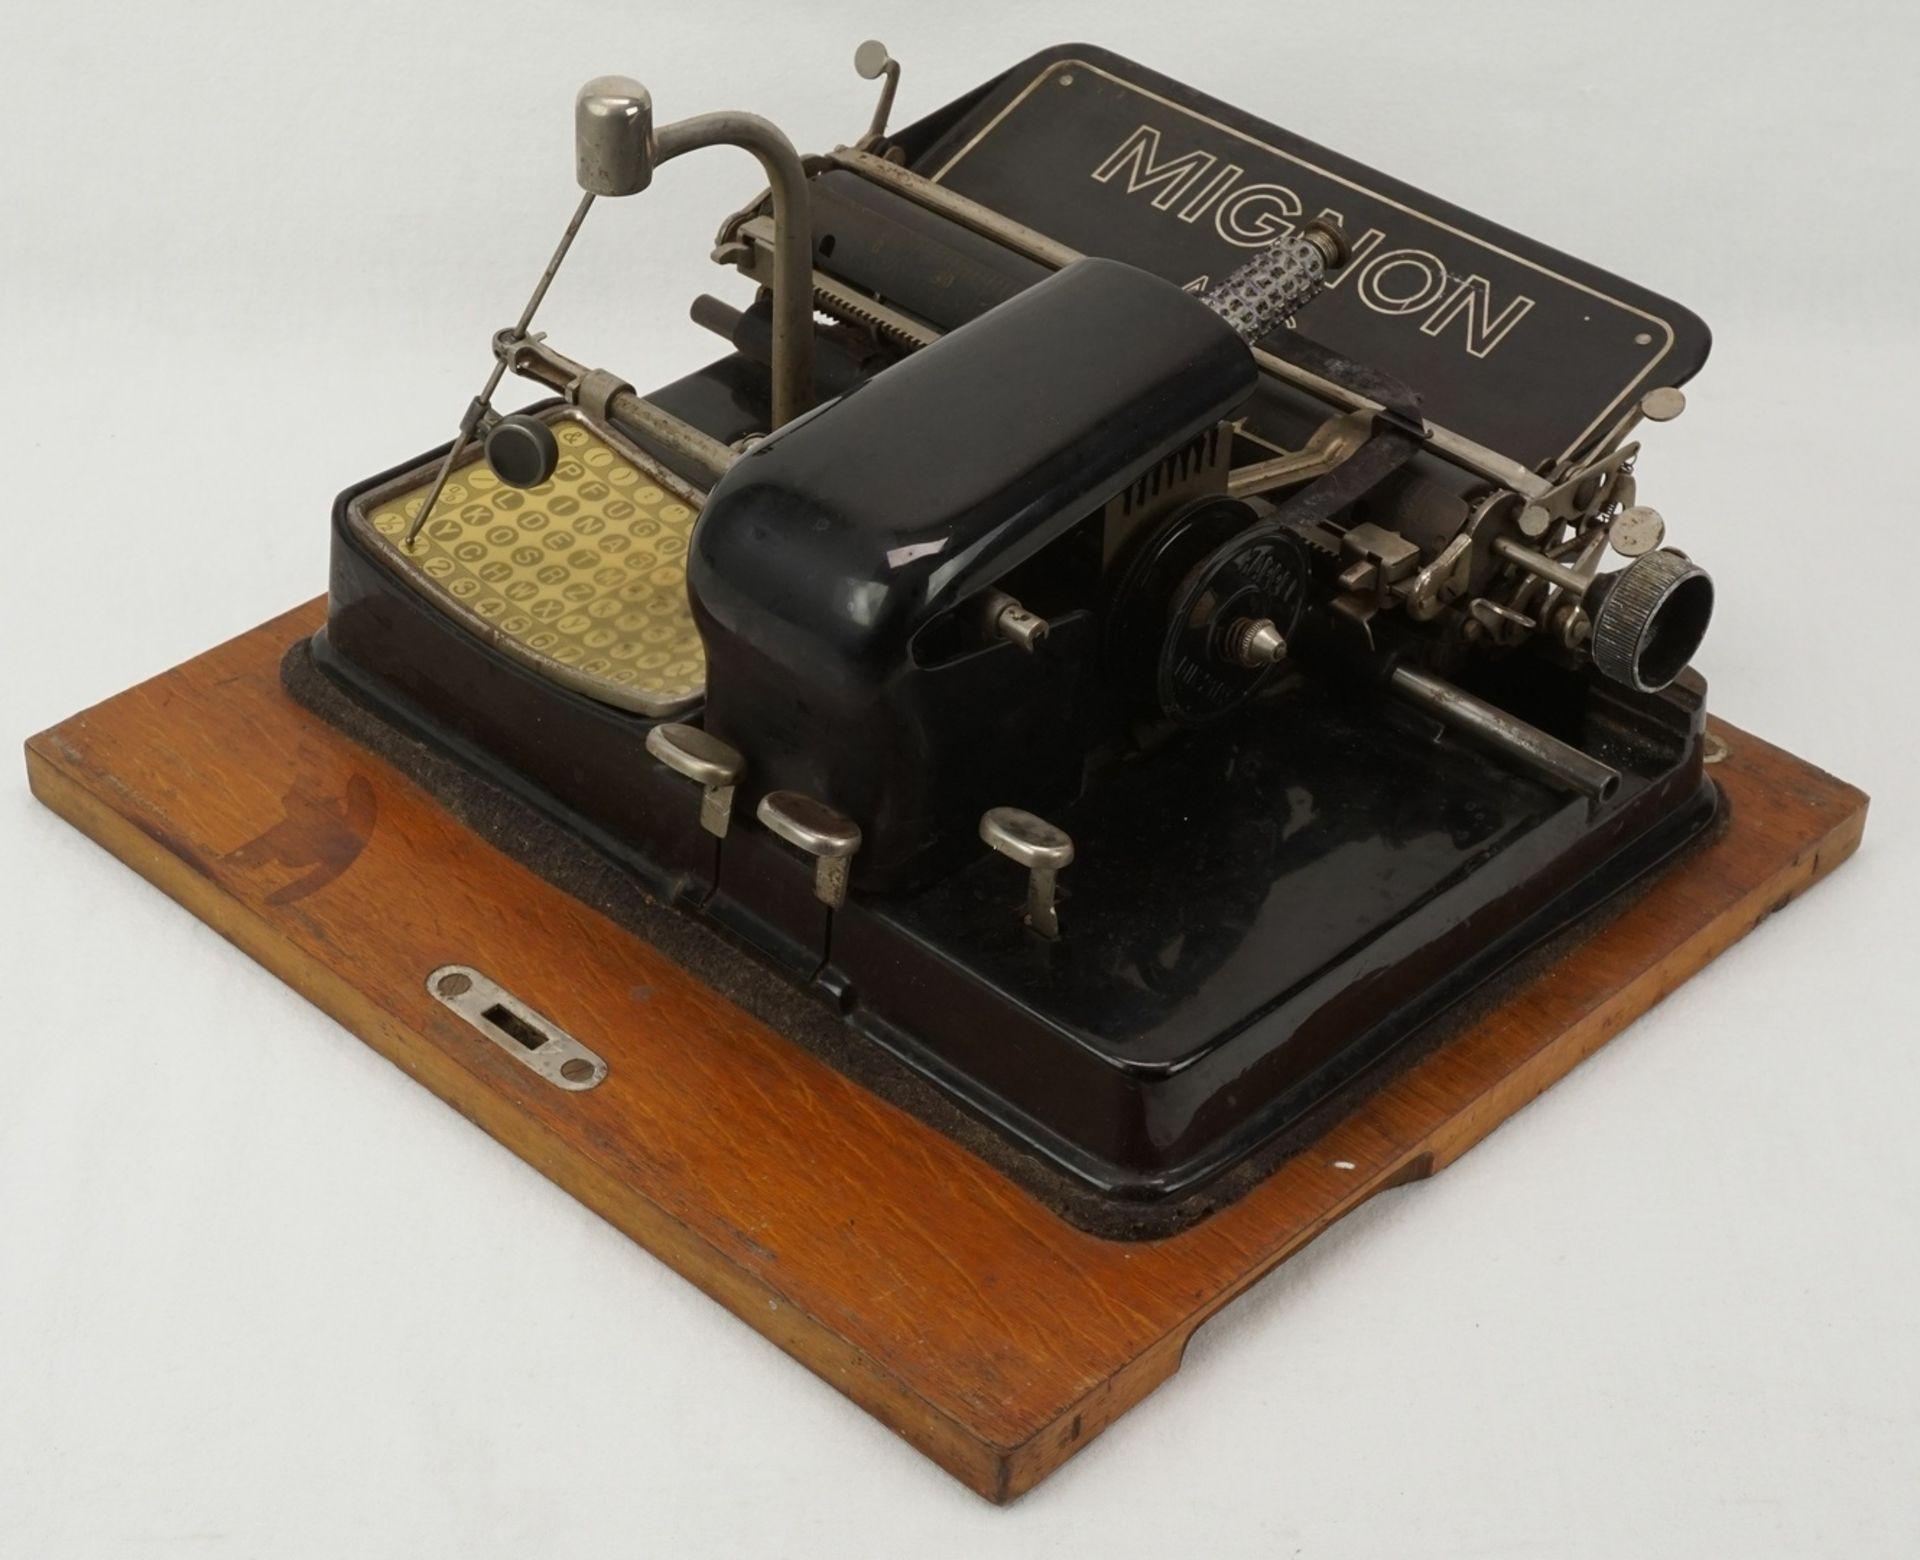 AEG Mignon Zeiger Schreibmaschine, um 1920 - Bild 2 aus 3